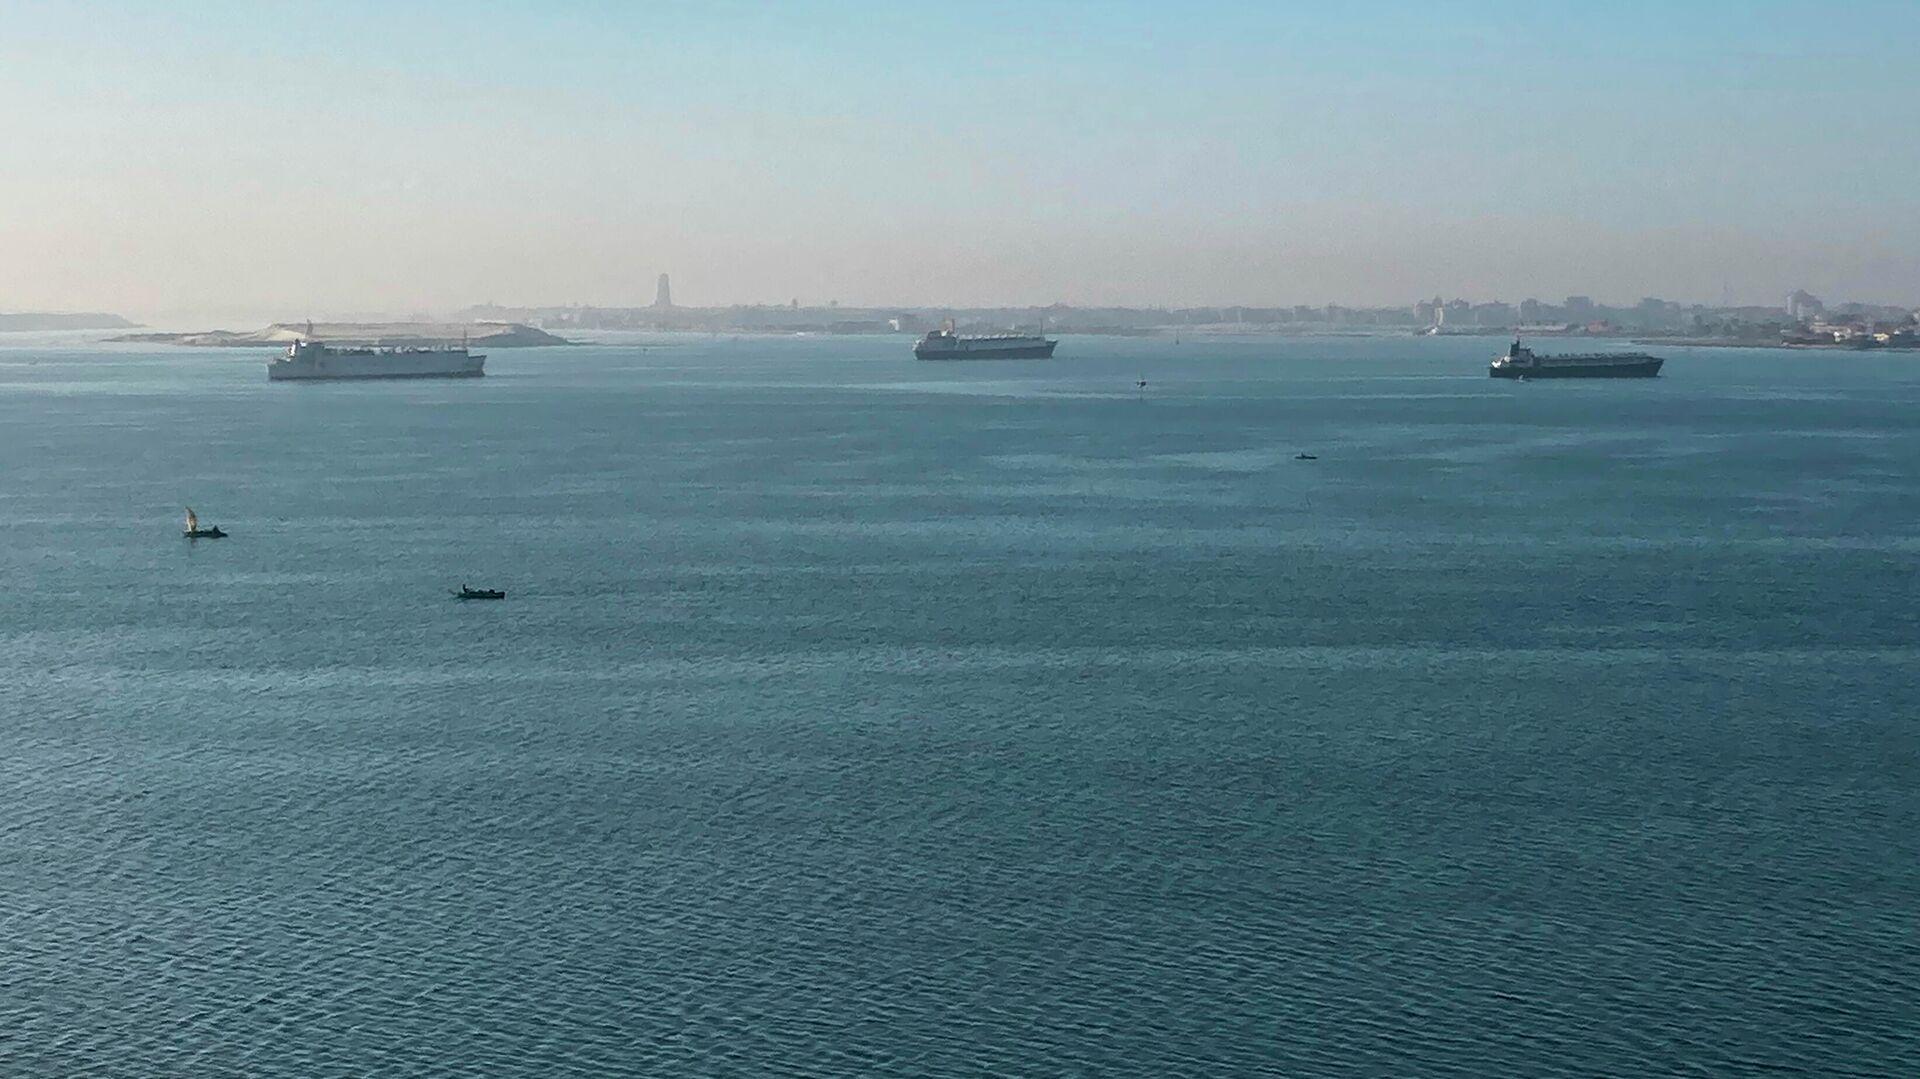 Корабли стоят на якоре в озере Тимсах, посередине Суэцкого перешейка. 25 марта 2021 - РИА Новости, 1920, 11.10.2021